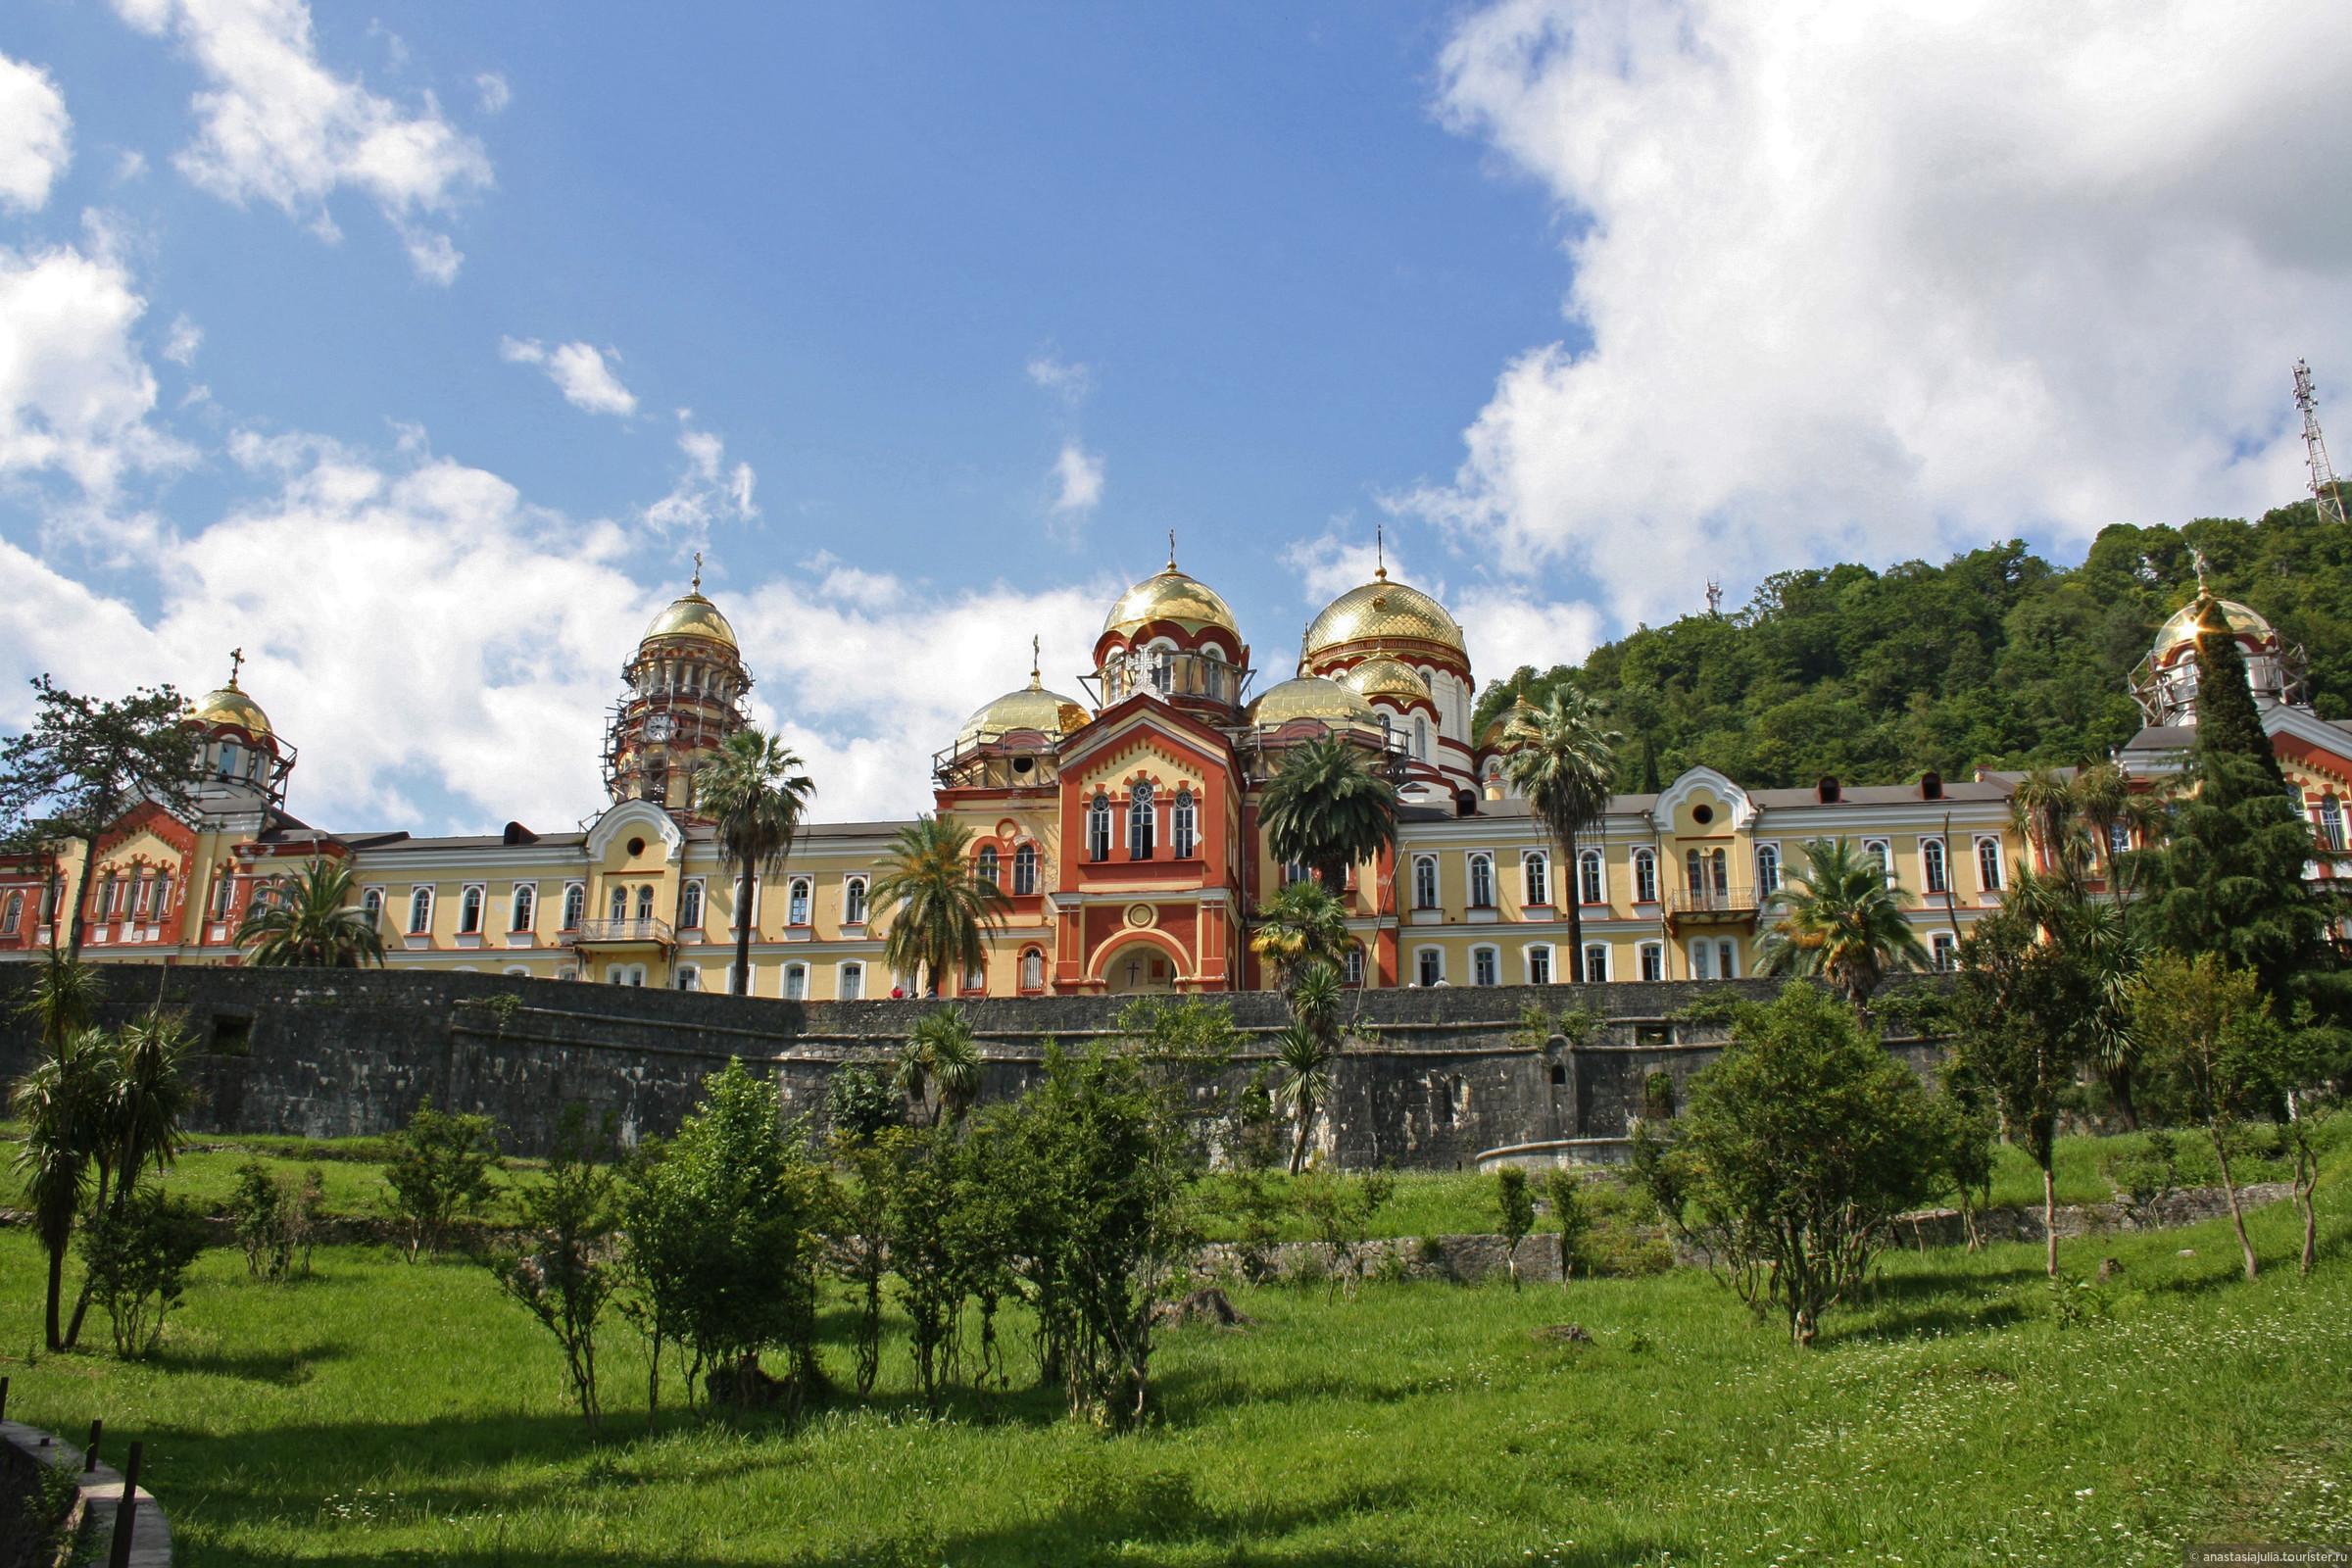 нашем сайте святые места абхазии фото всего